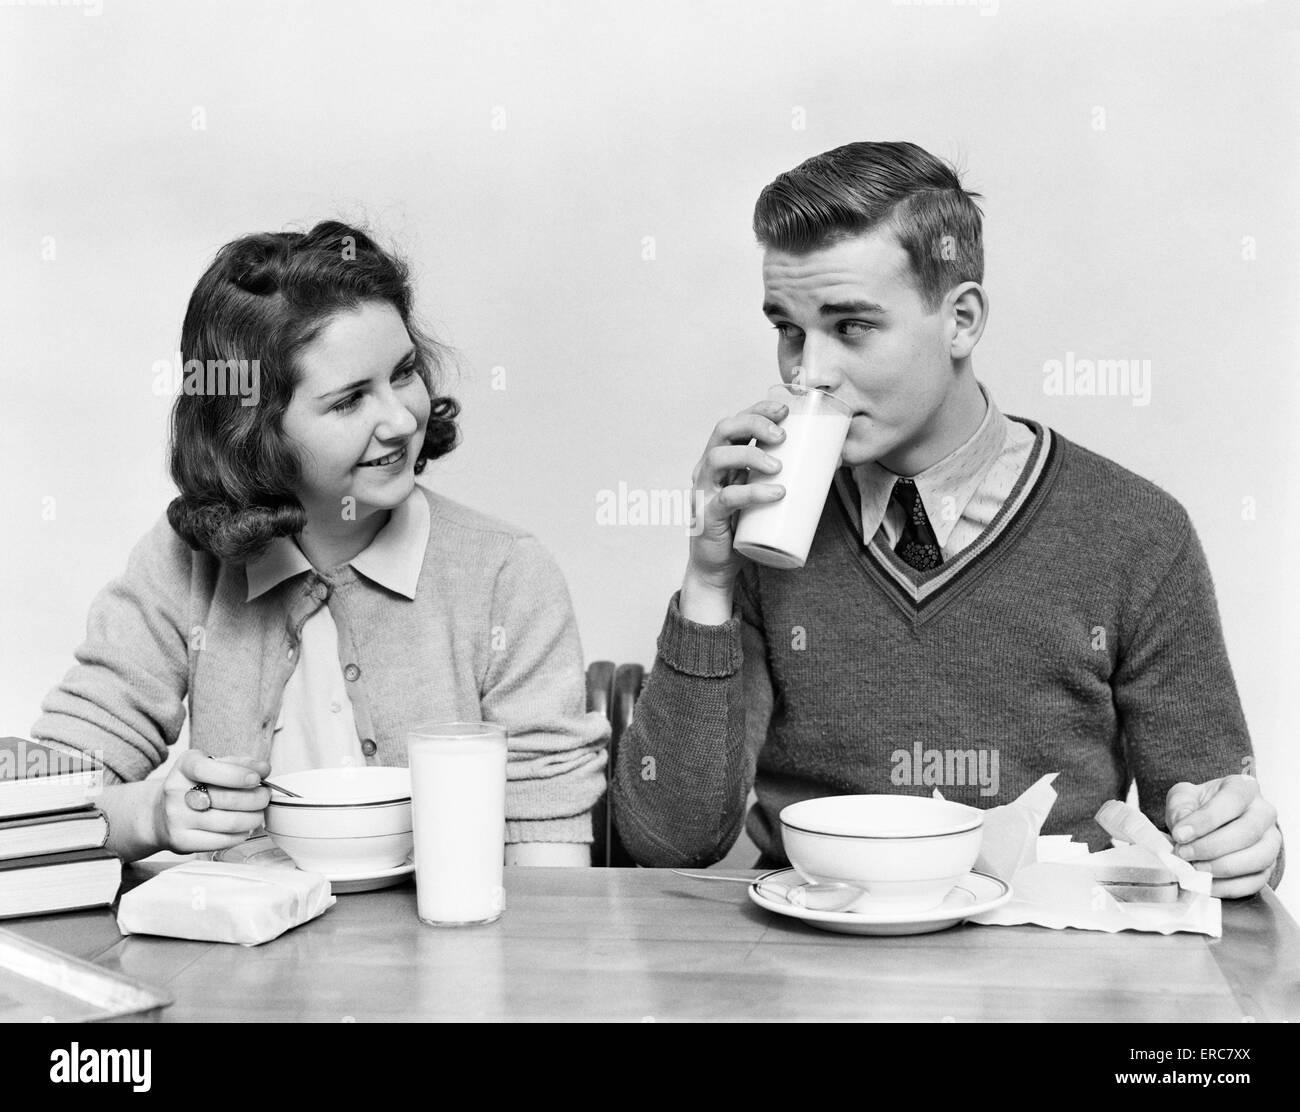 frauen-teenager-maedchen-und-essen-mit-jungen-extreme